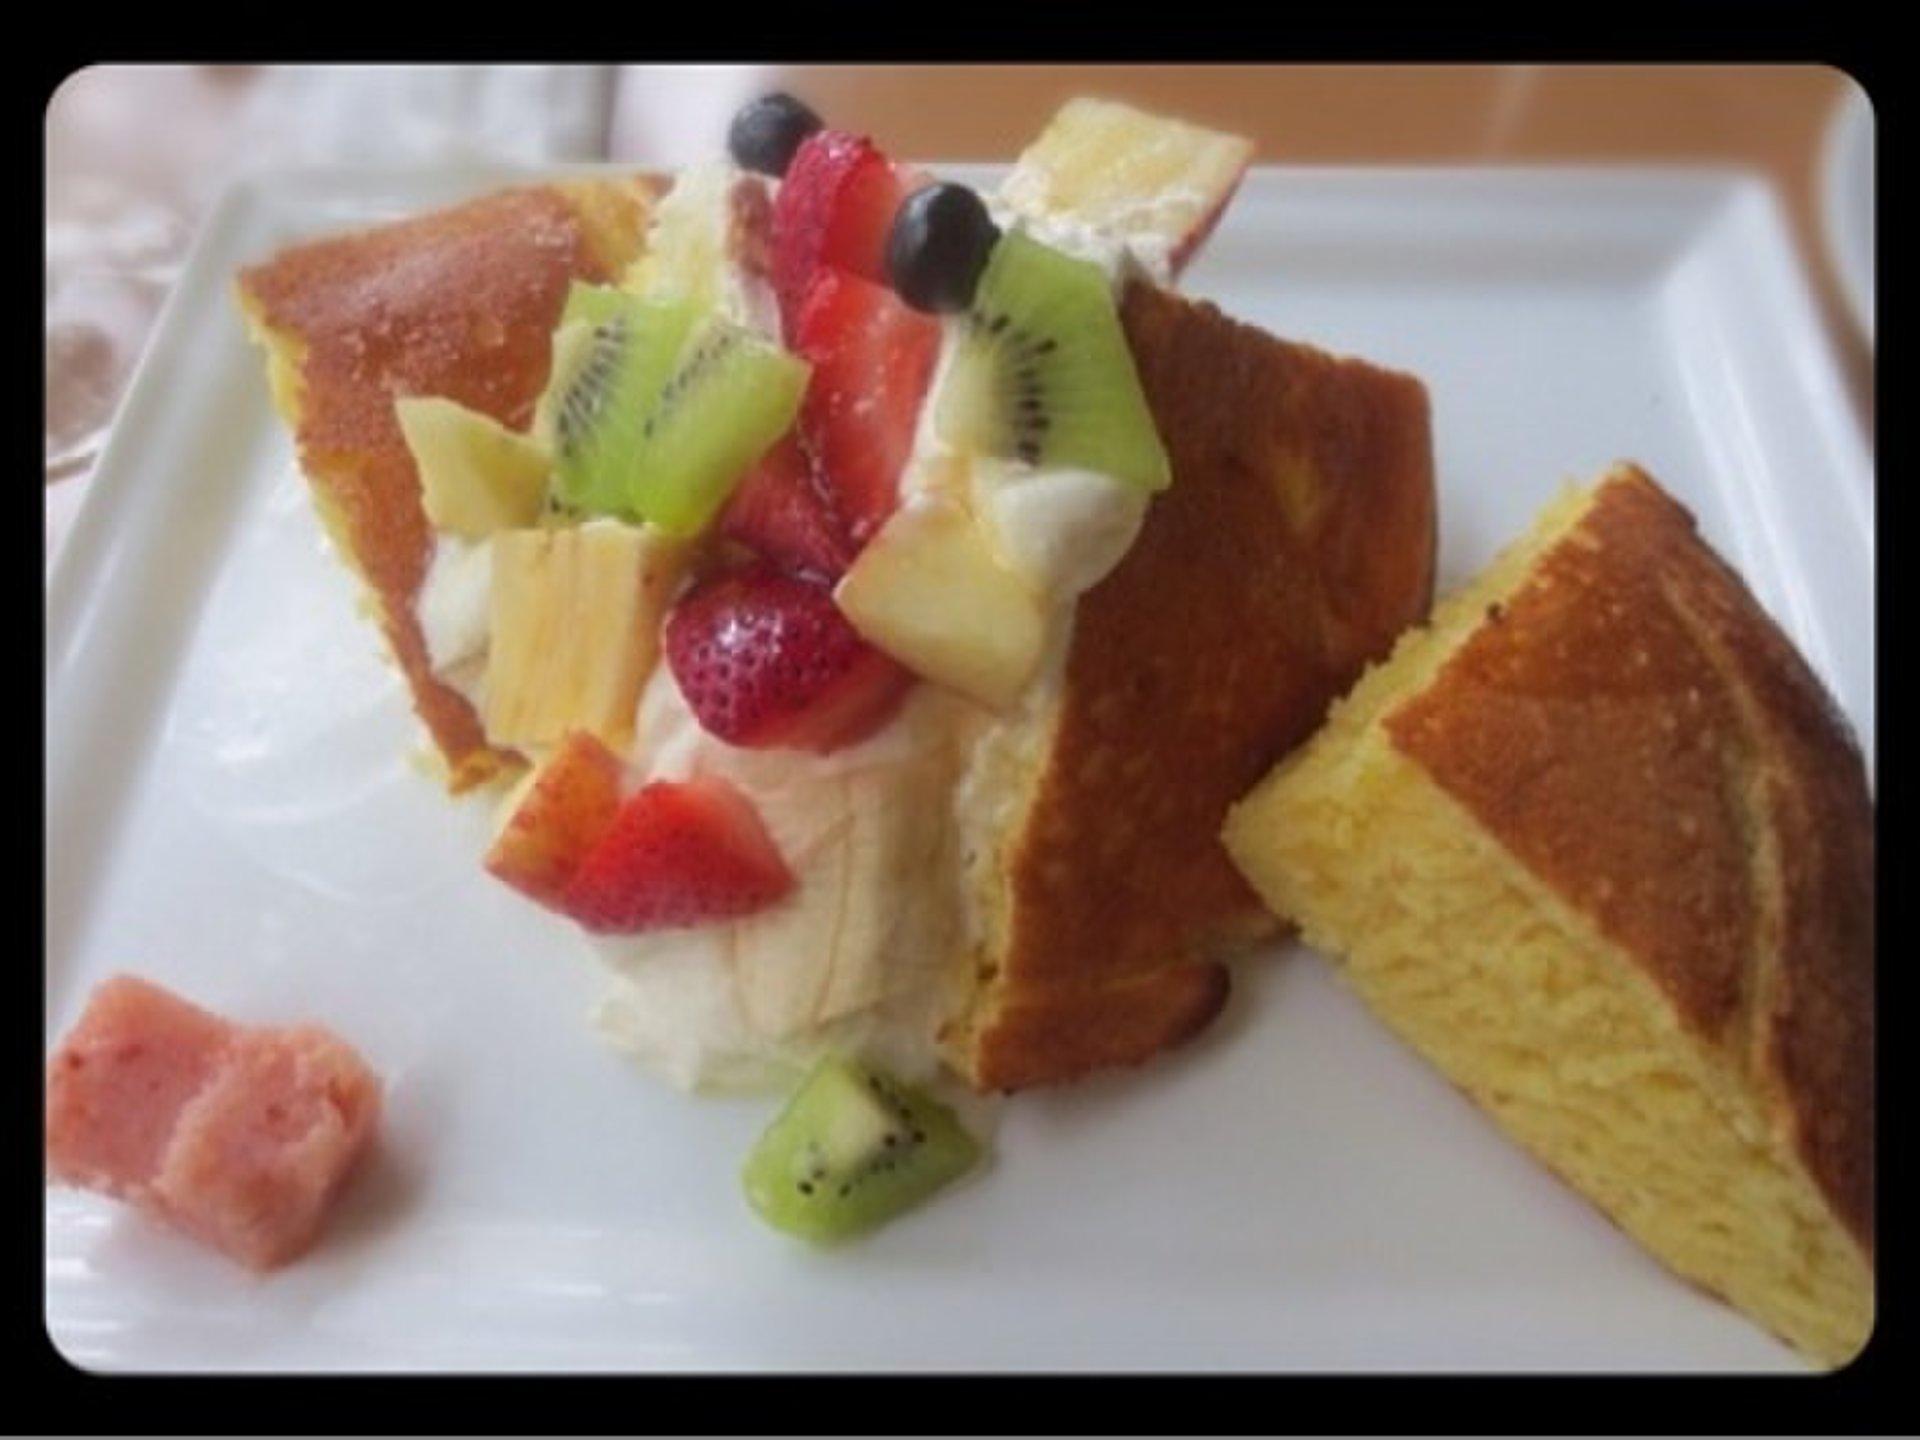 【東京・原宿】テラス席有り!の絵本のようなパンケーキがおいしいおすすめカフェ